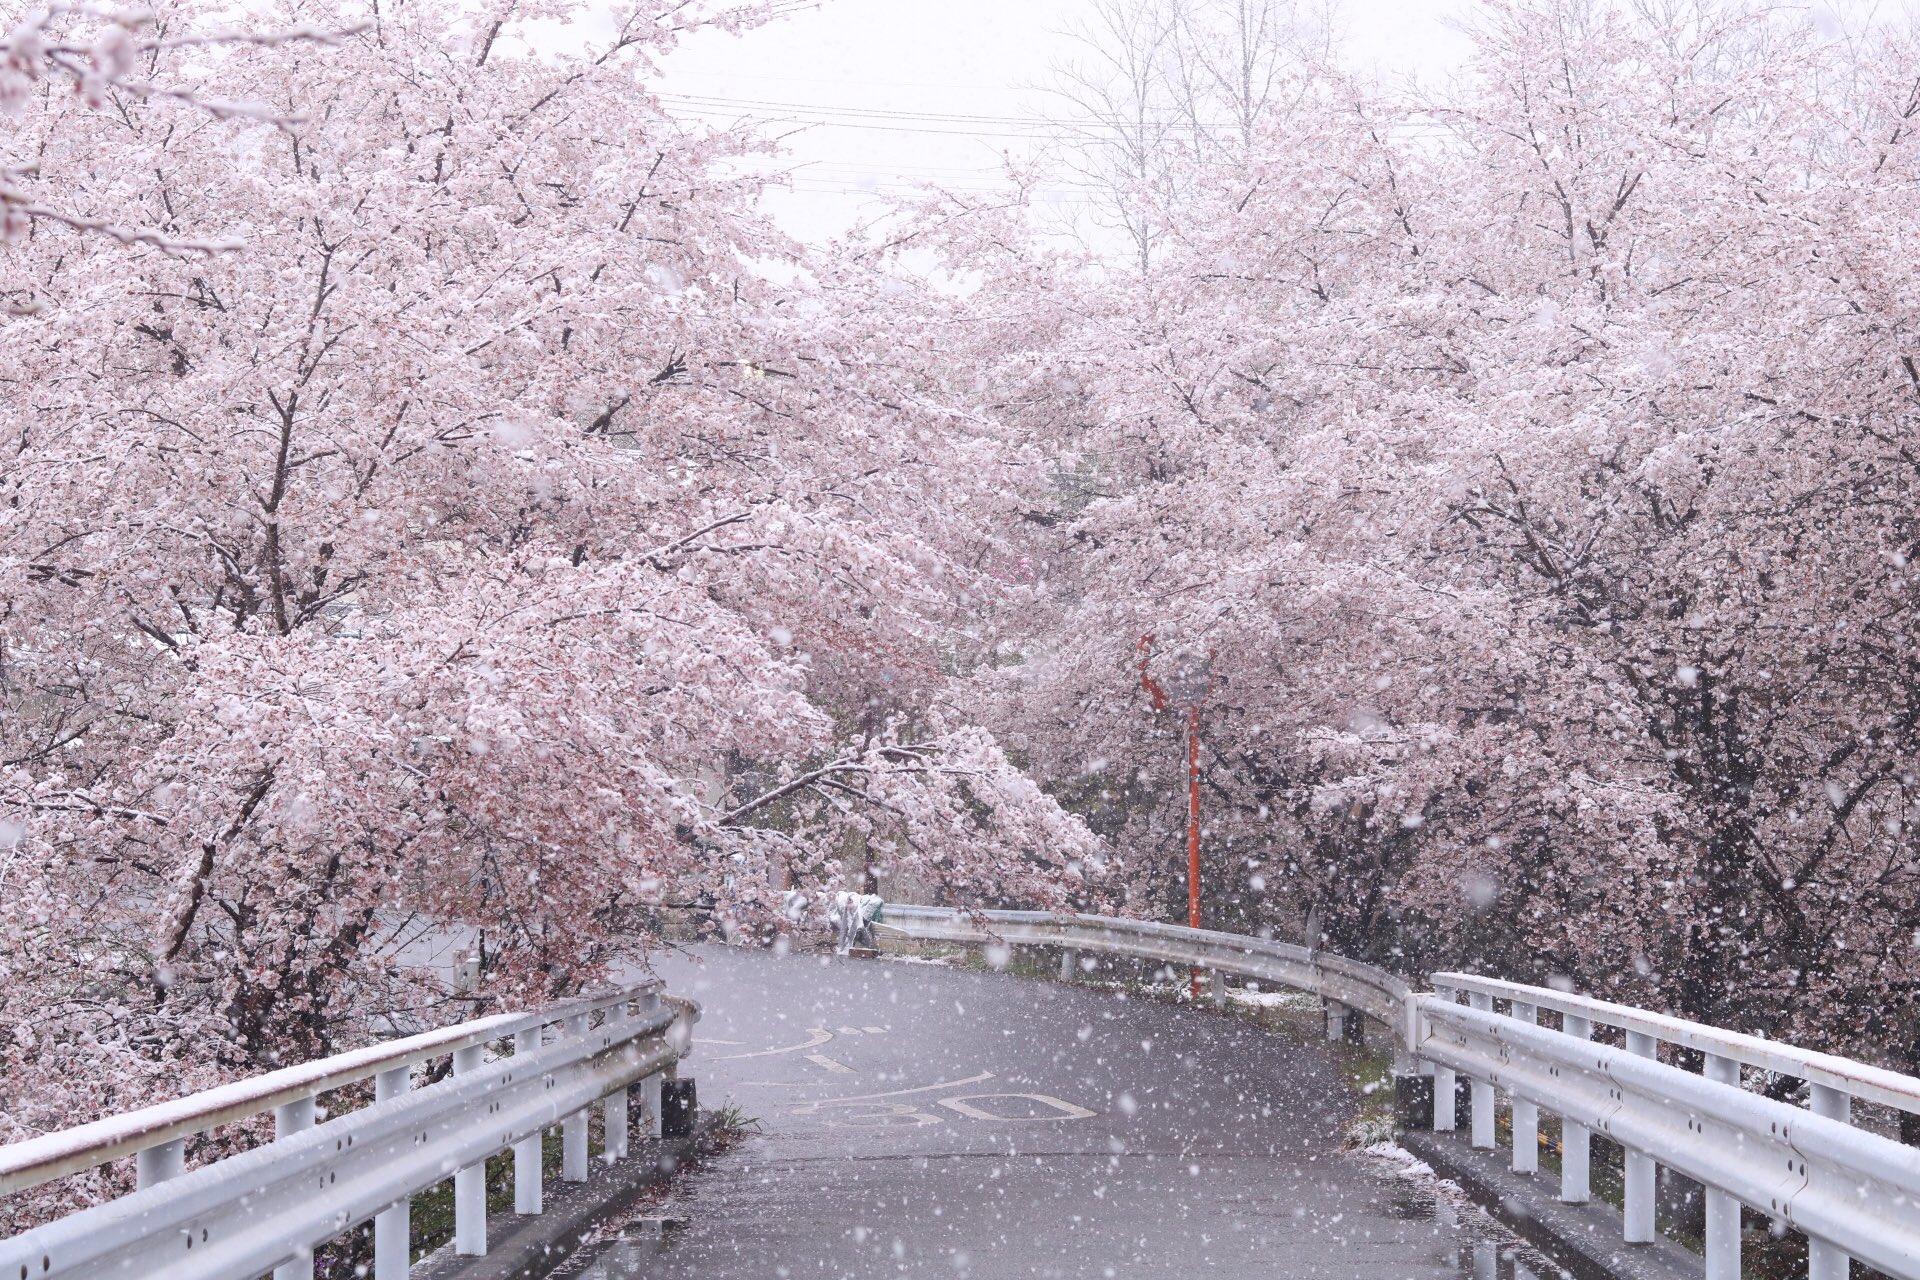 桜と雪 この最高コラボ撮ってみたかったんだ〜♥